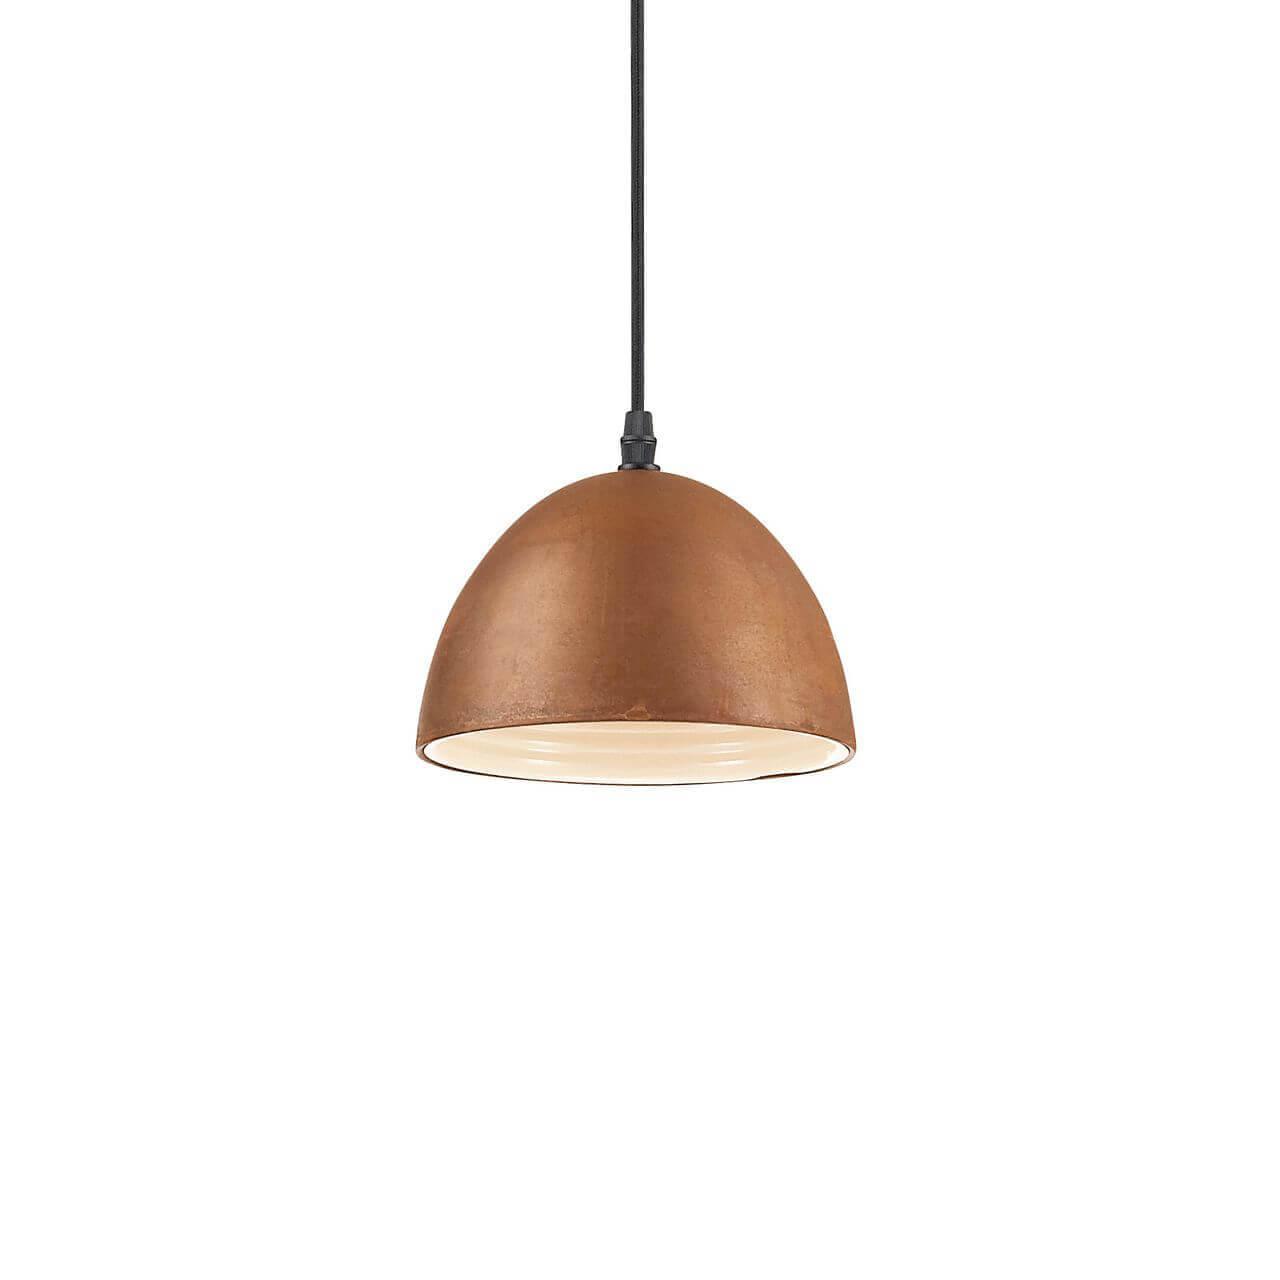 Светильник Ideal Lux Folk SP1 D18